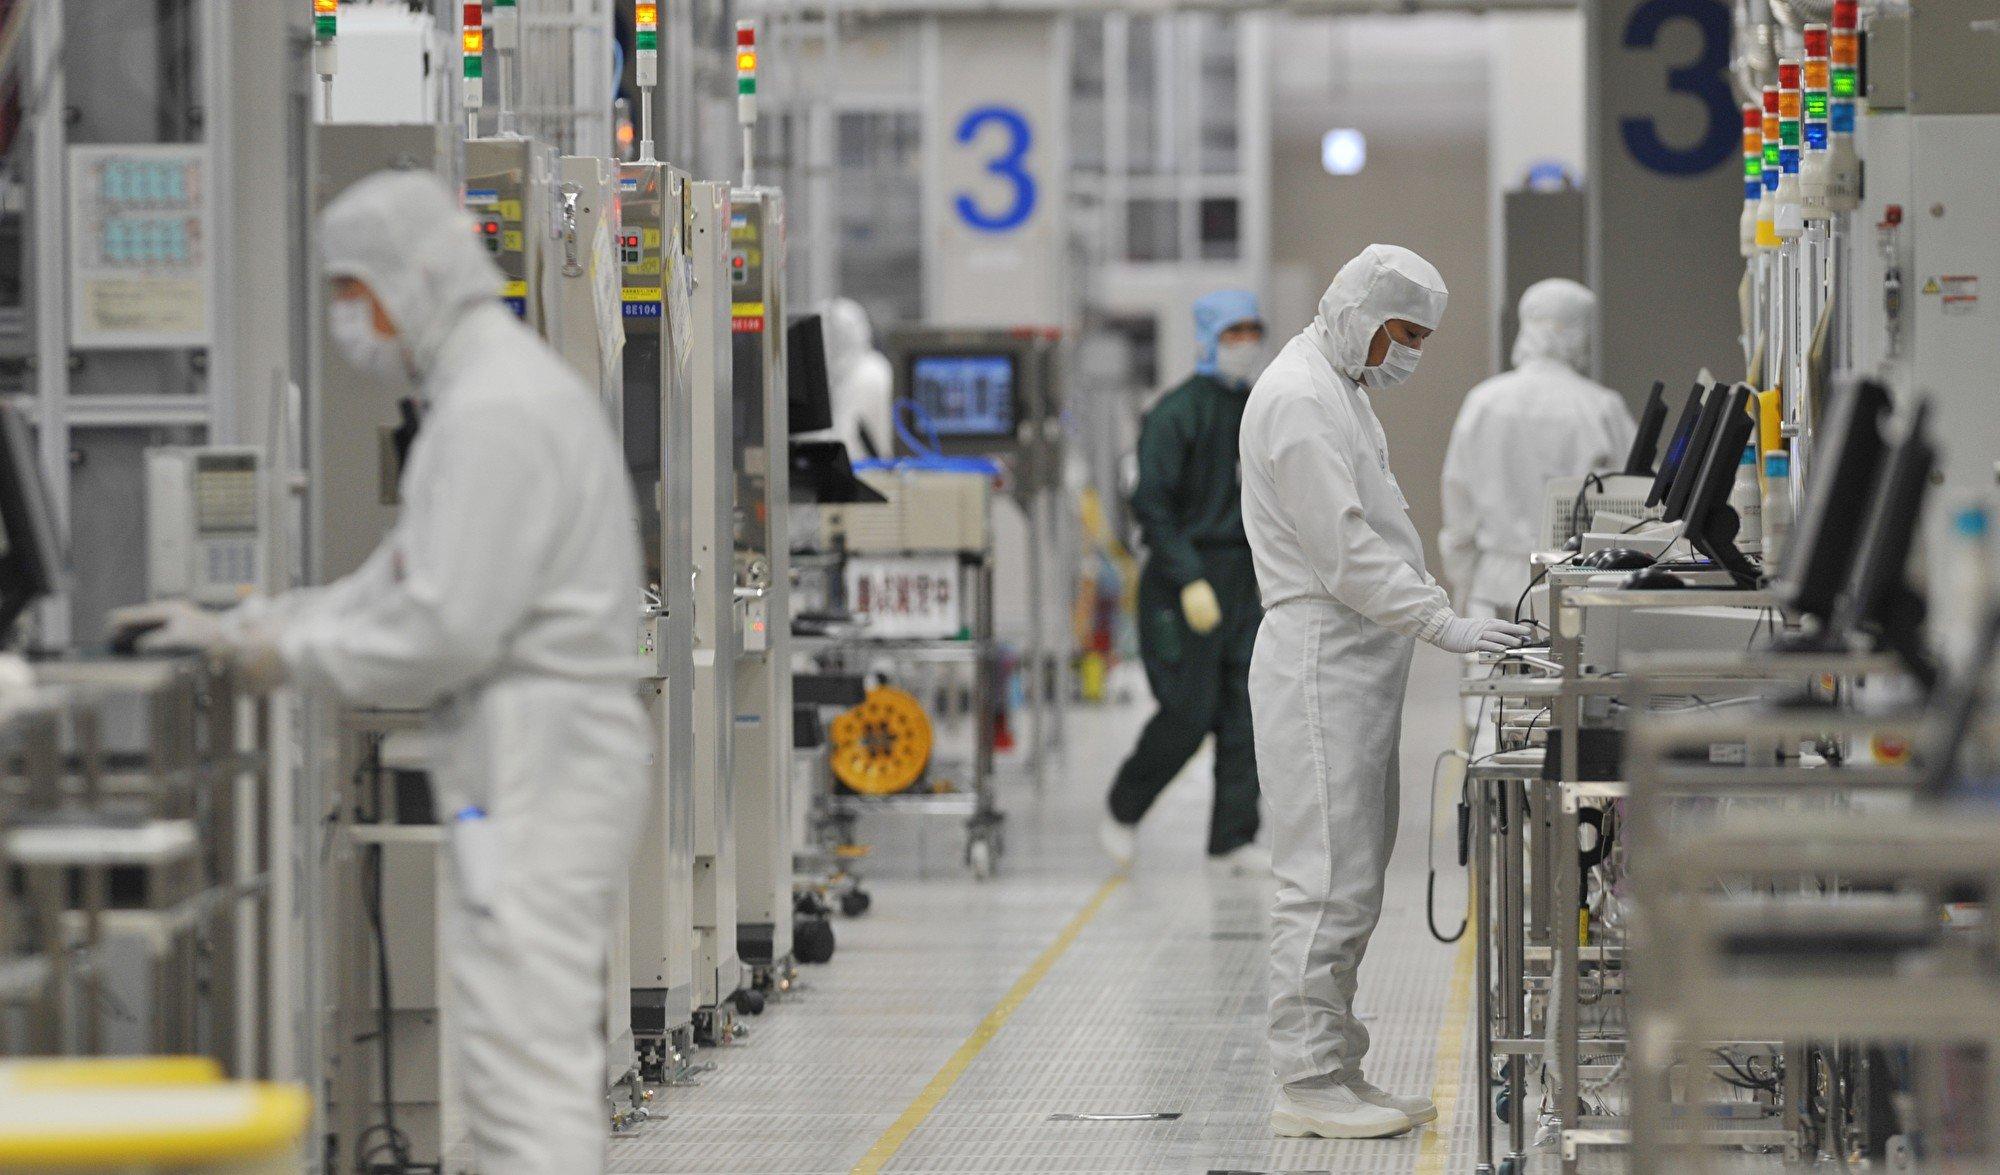 中共領導層稱該國半導體行業可以「自給自足」,不需要依賴美國供應商,然而中國業內人士並不這麼認為。圖為示意圖。( KAZUHIRO NOGI/AFP/Getty Images)